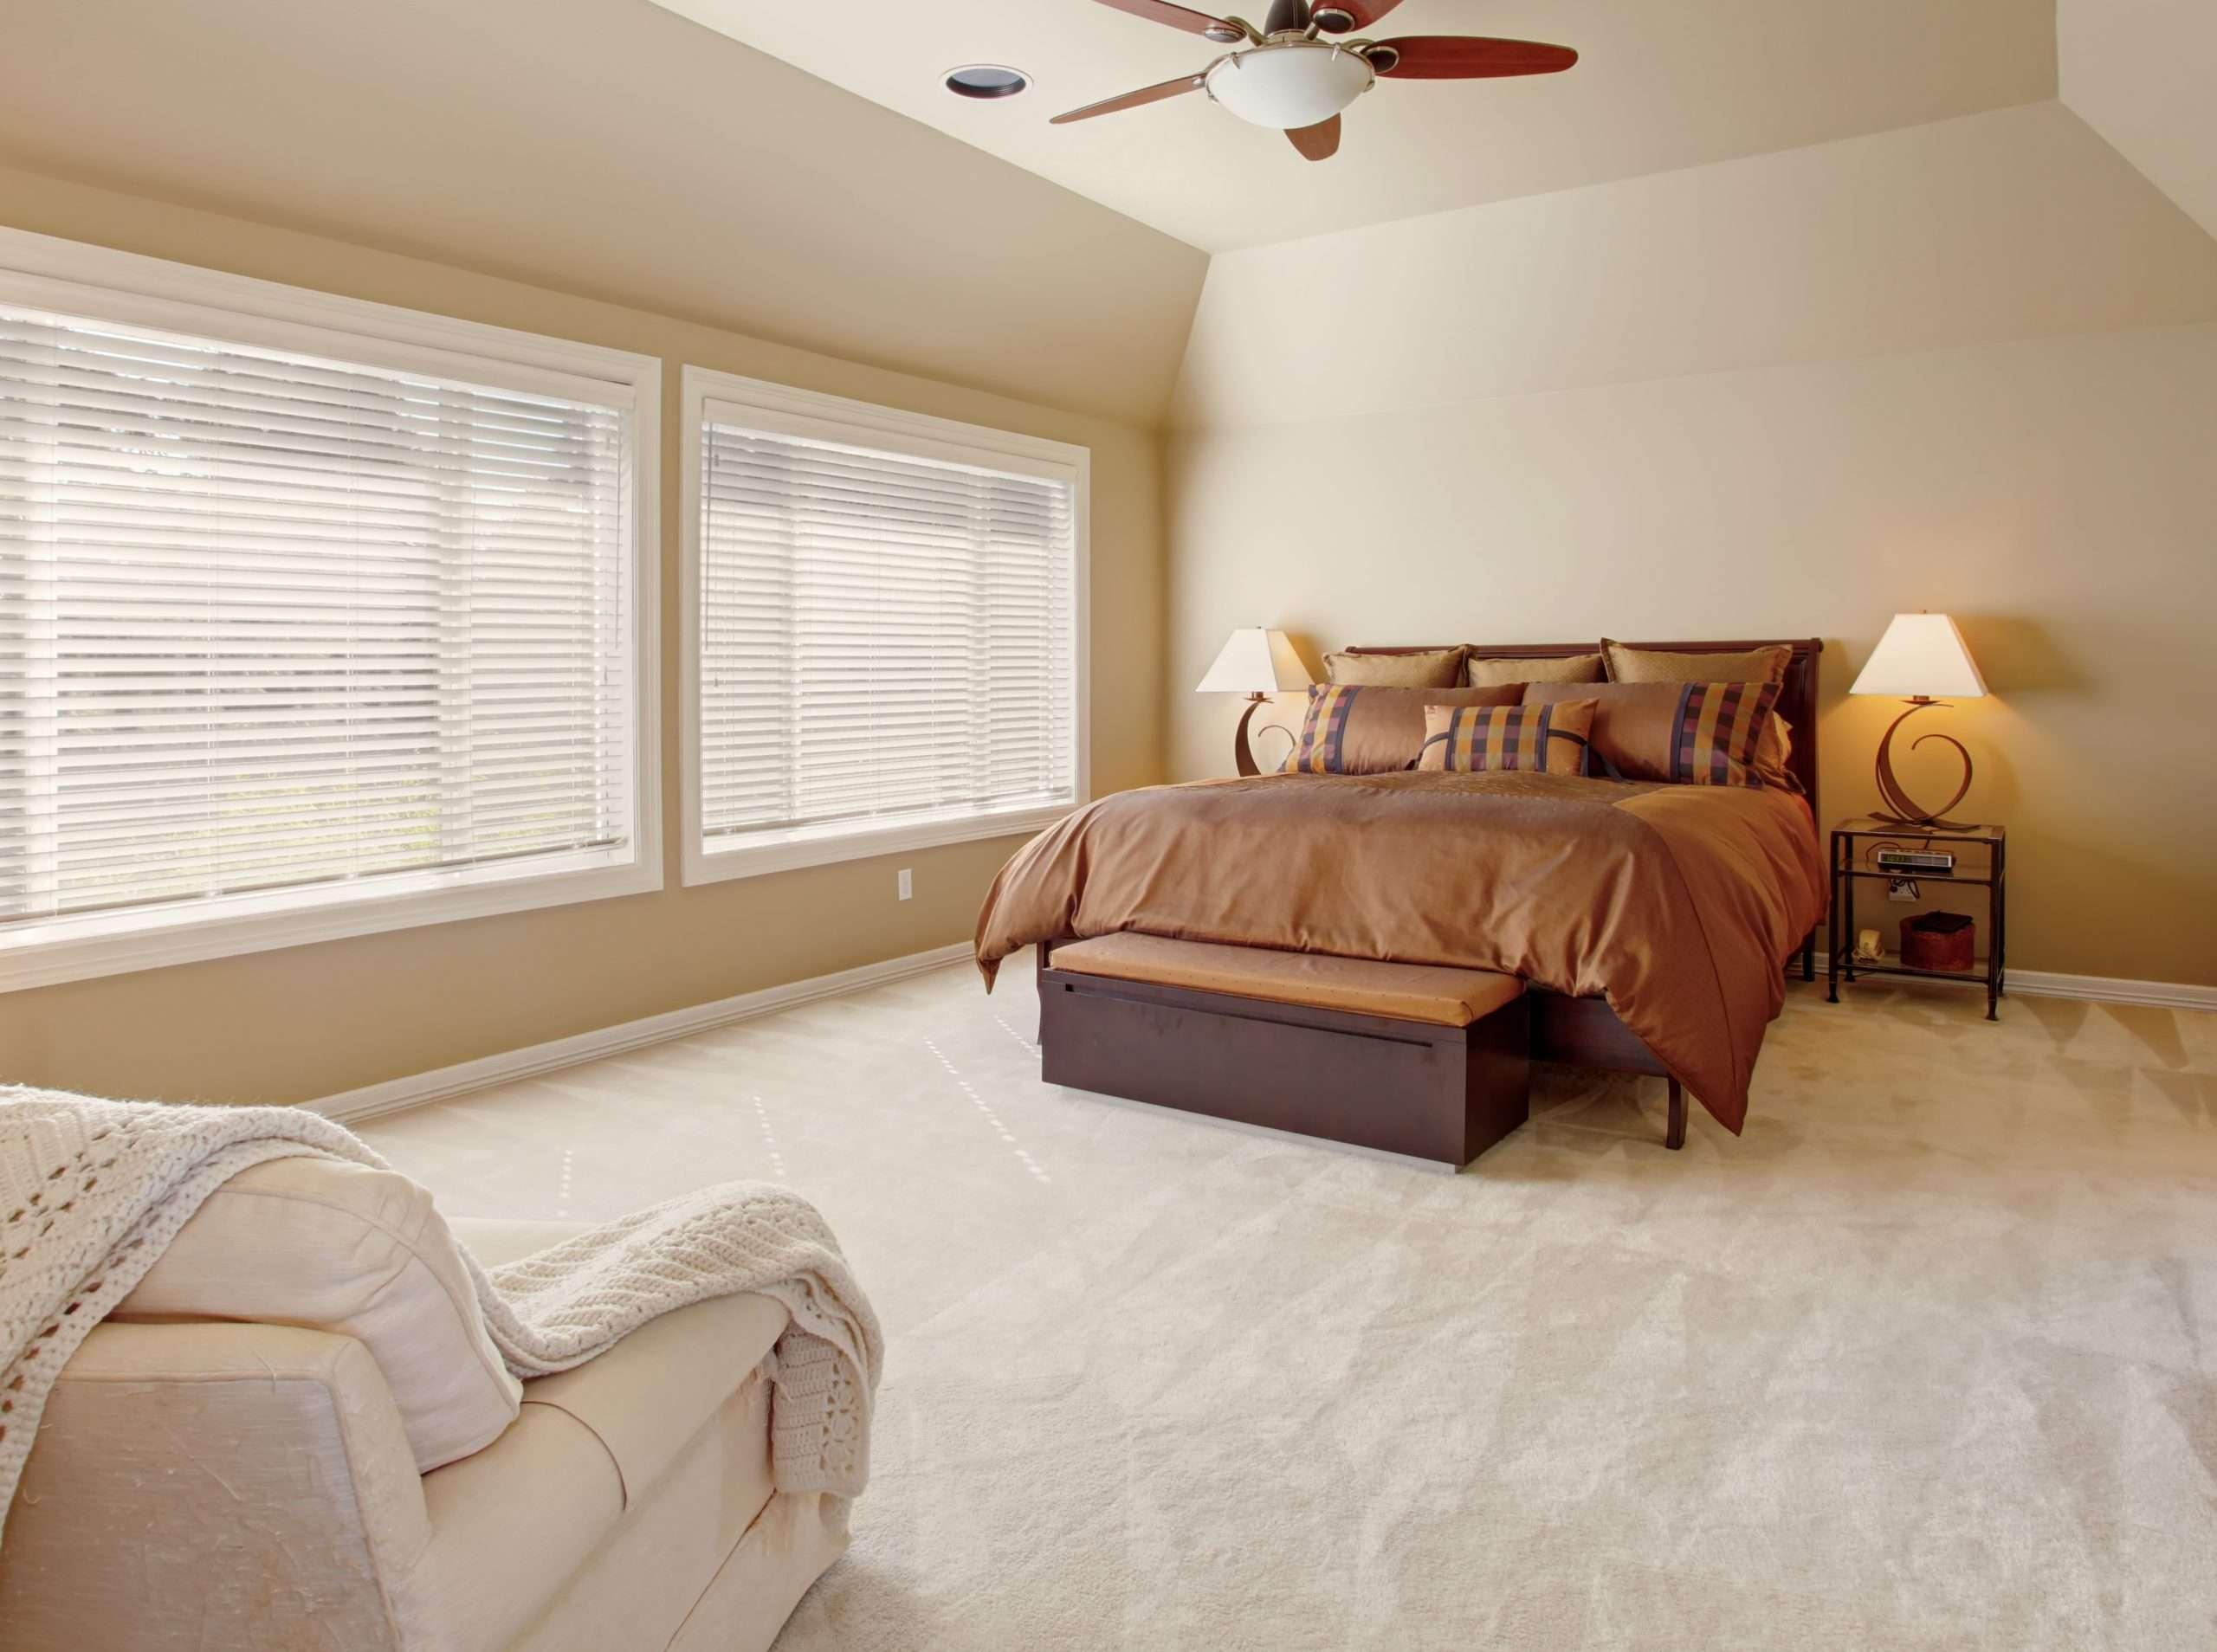 Carpet floor in the bedroom